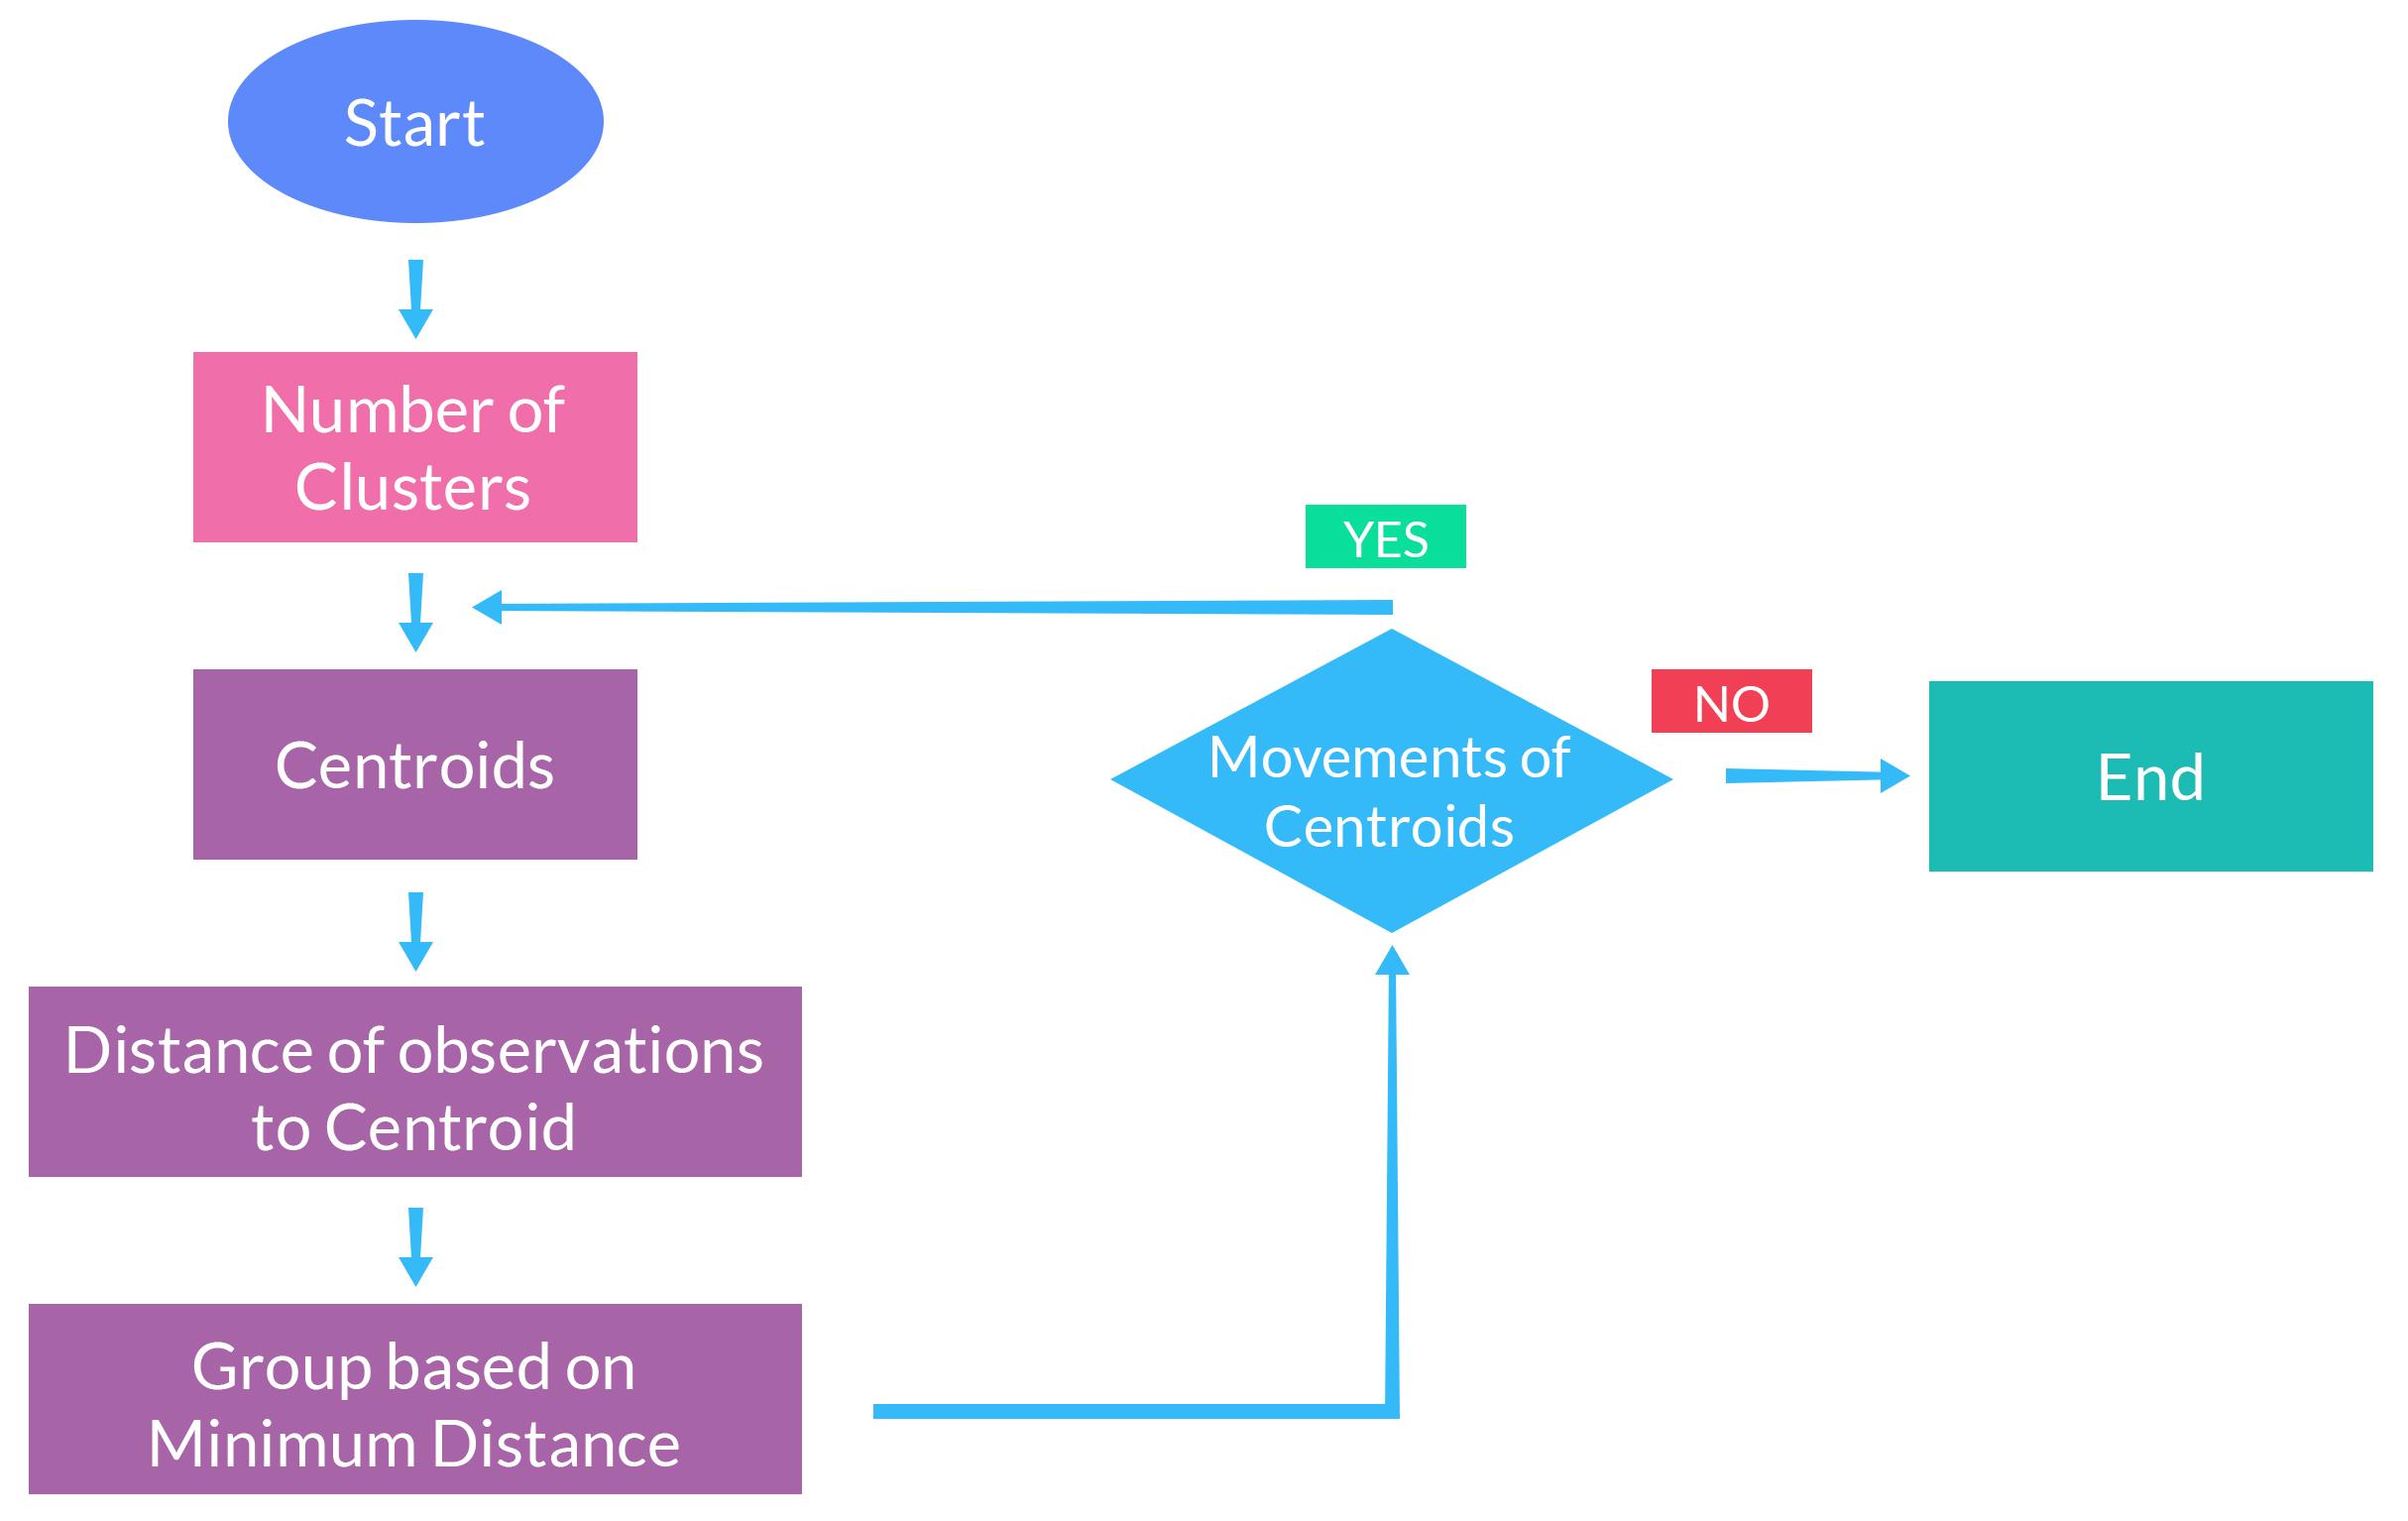 Basic steps for running K-means